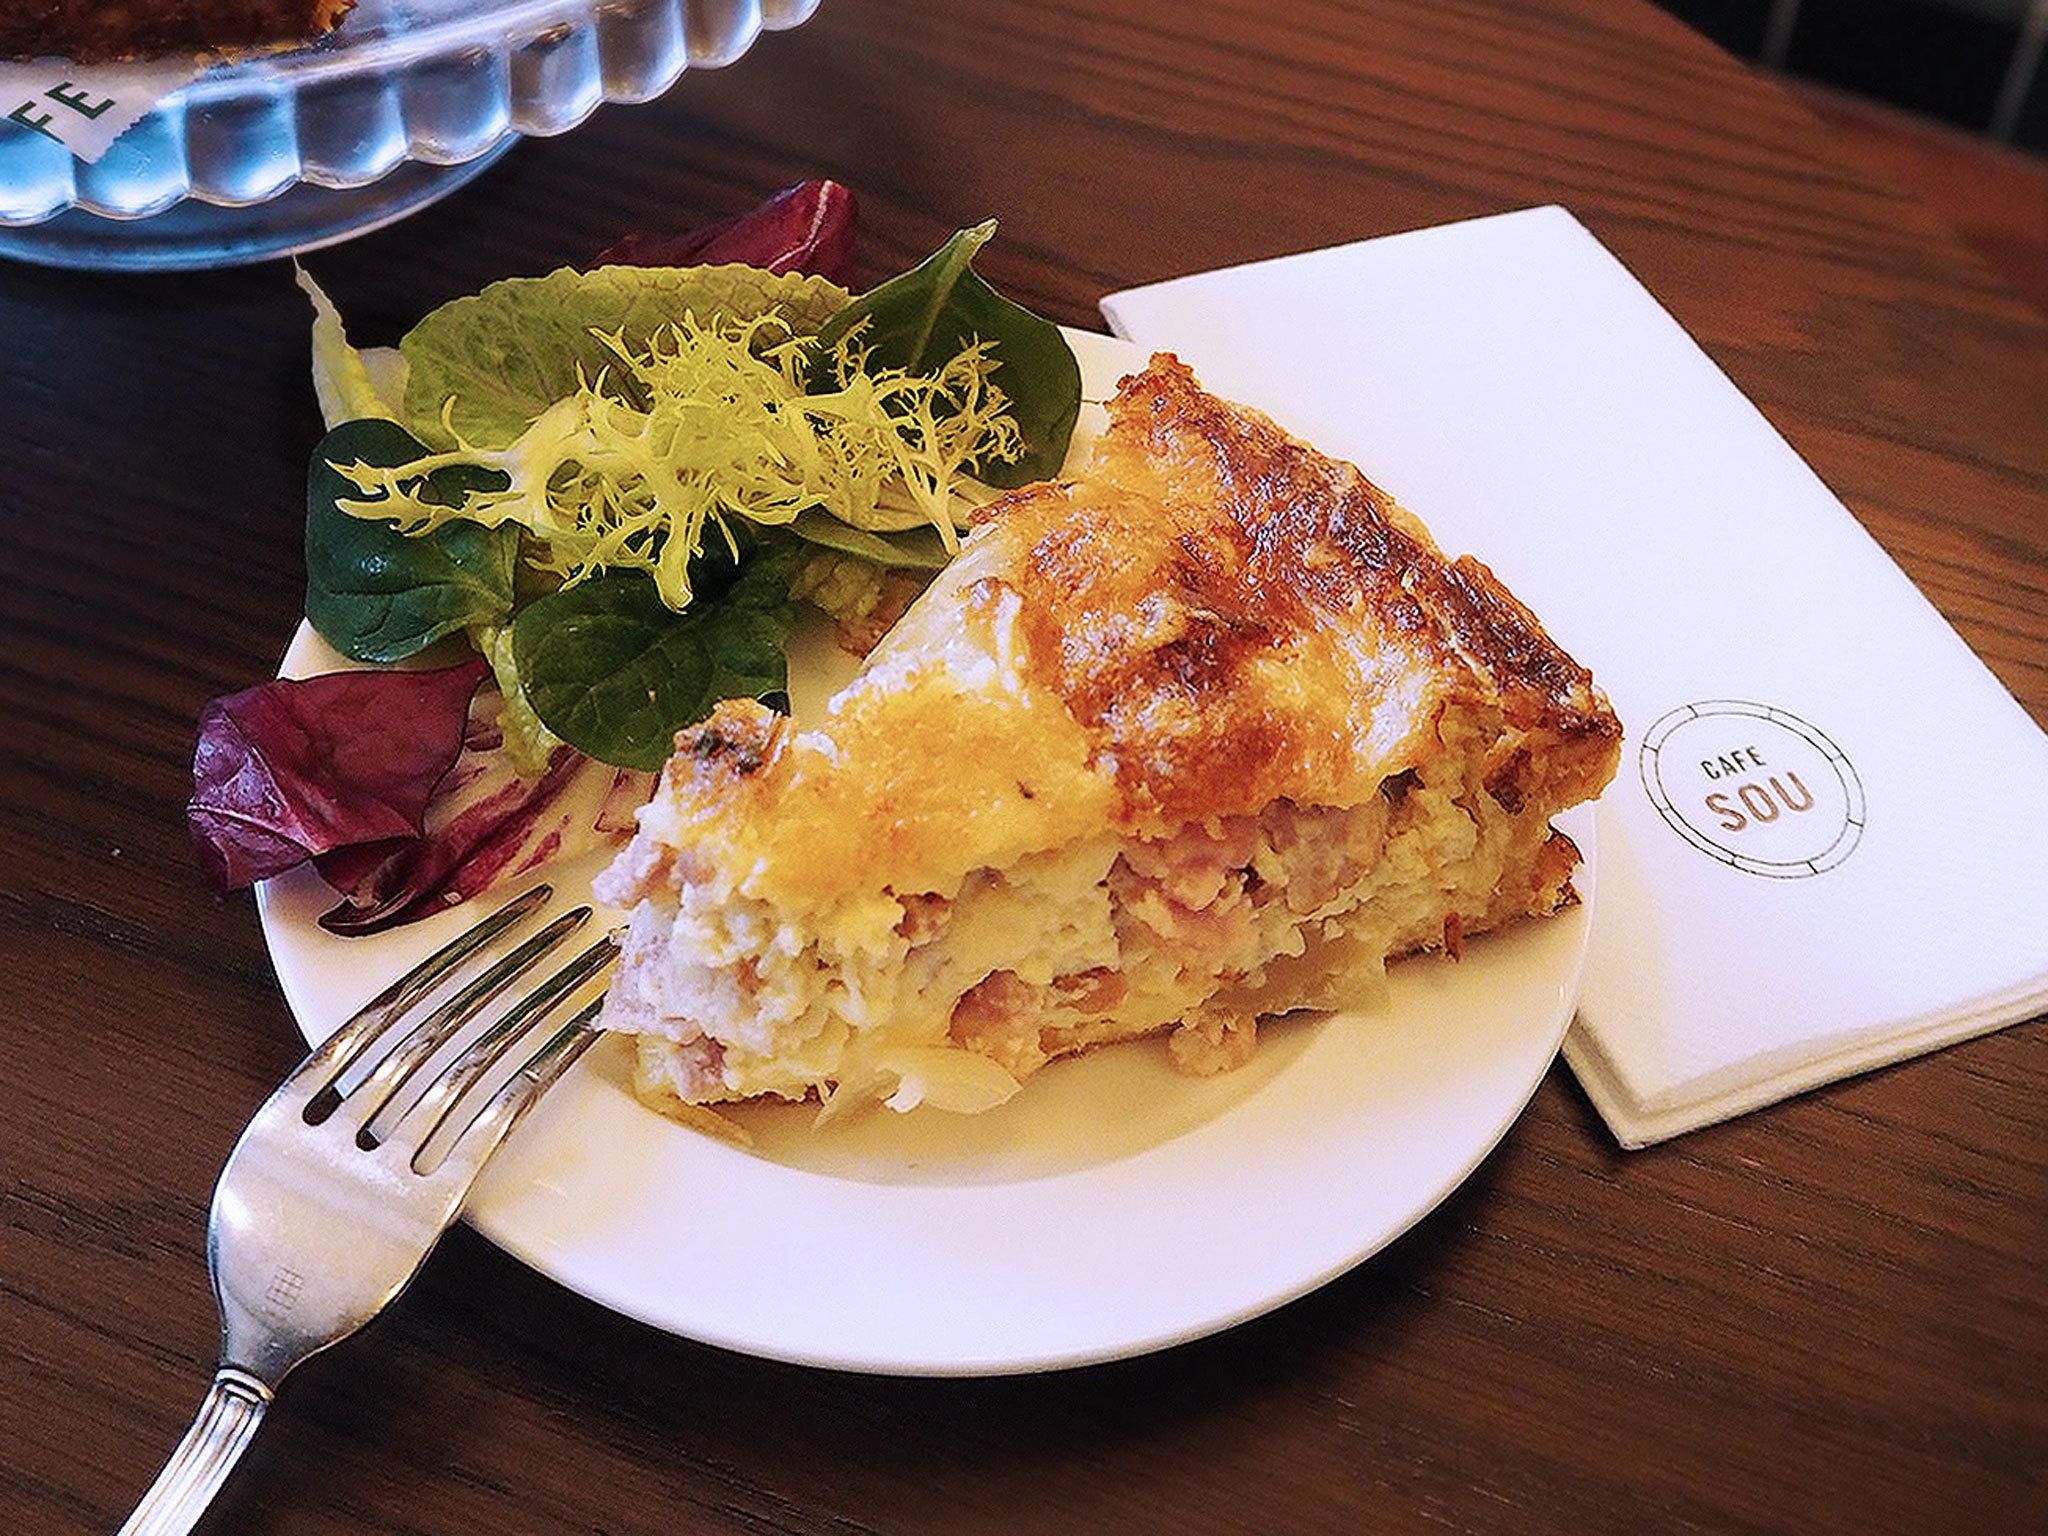 Quiche Lorraine at Café Sou